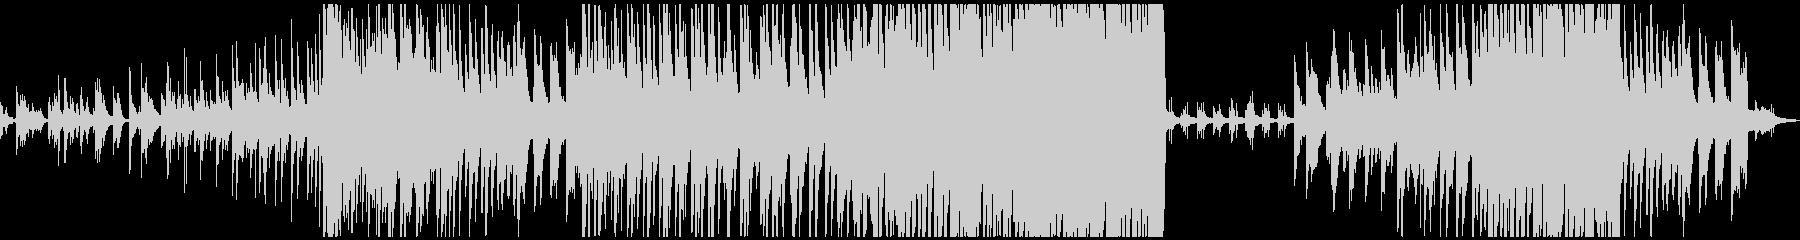 ピアノのみ 大音量版の未再生の波形